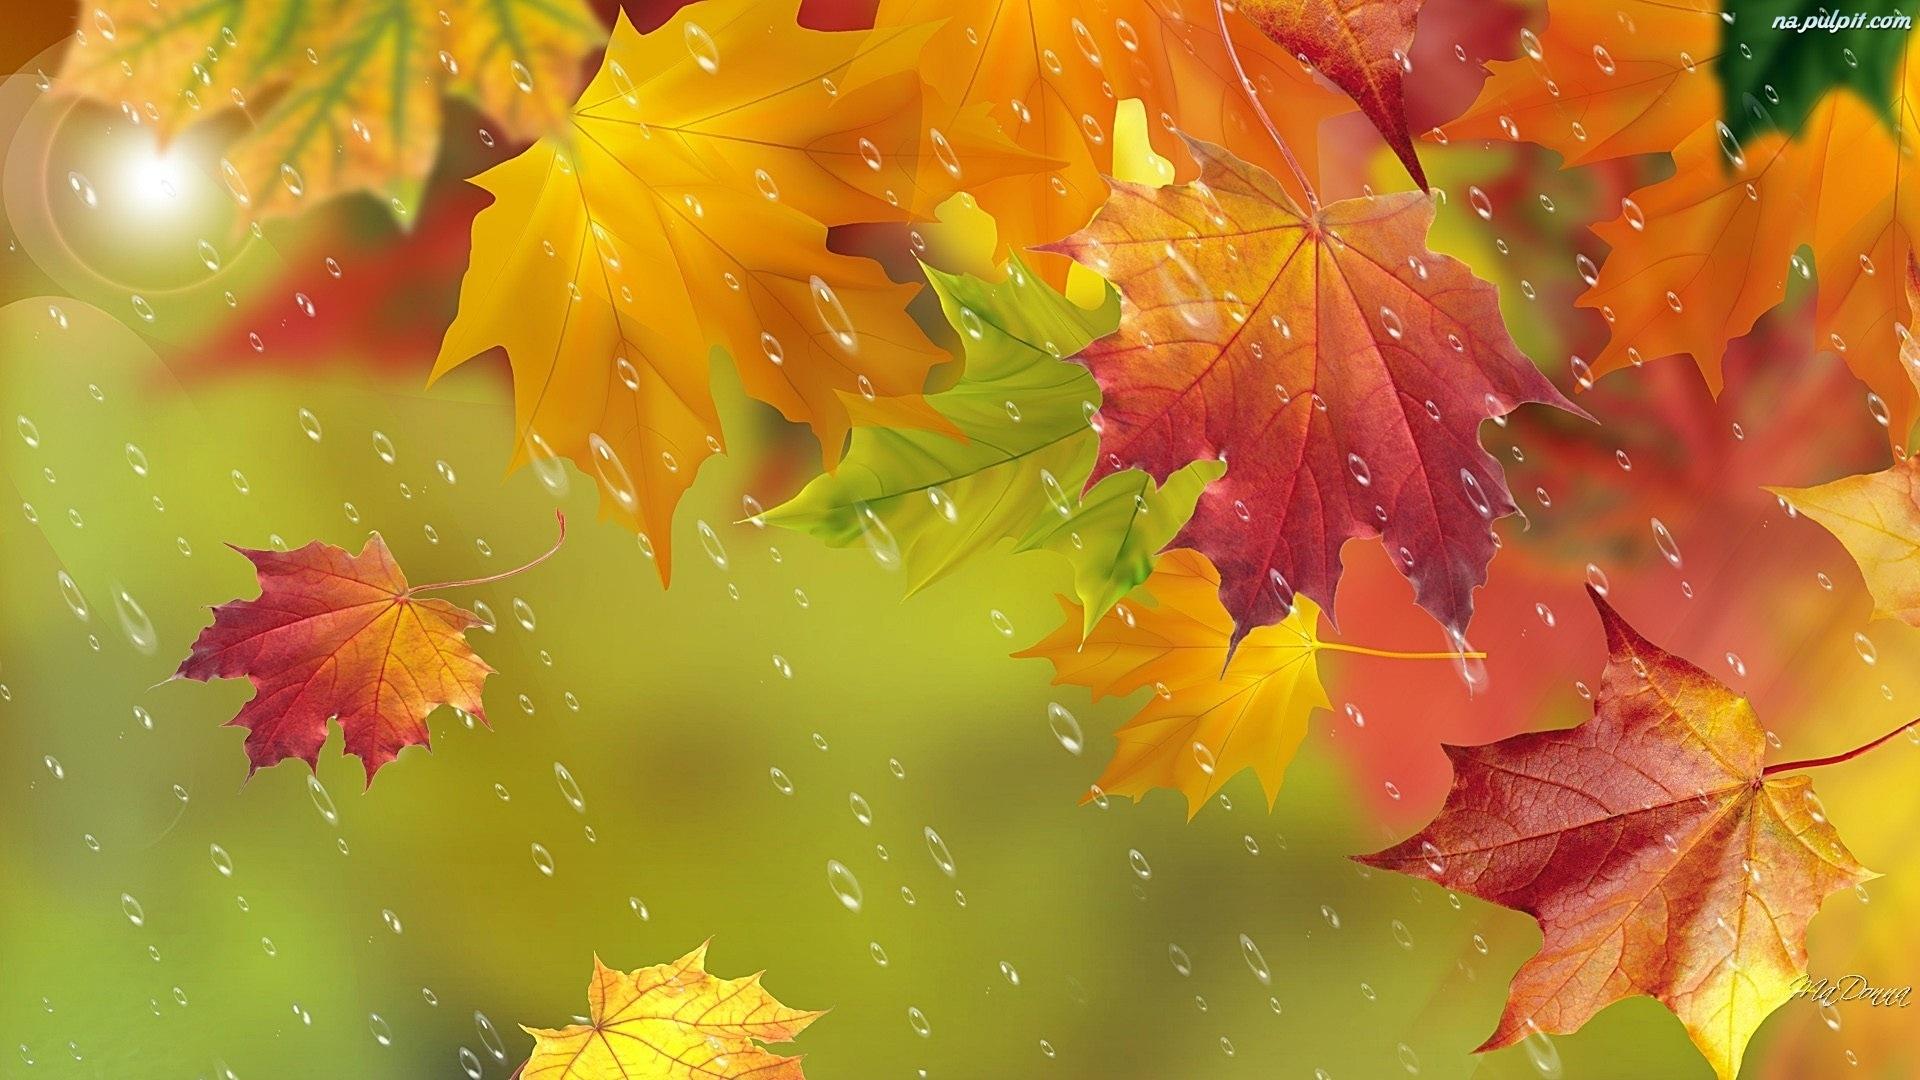 Fall Autumn Hd Wallpaper 1920x1080 Art Deszcz Liście Jesień Na Pulpit